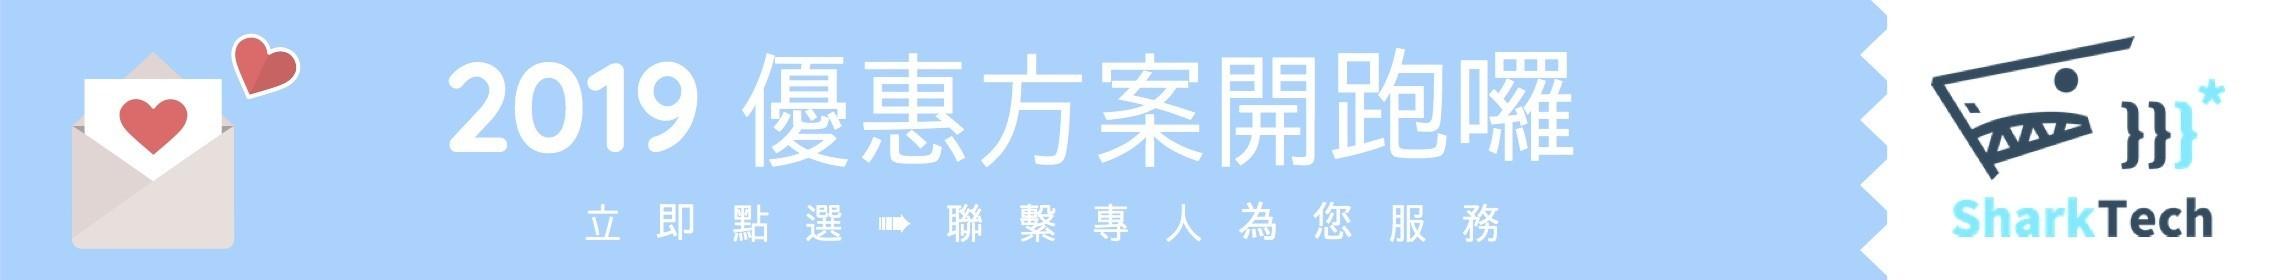 網站SEO優化顧問台北網站設計-鯊客科技SEO優化公司